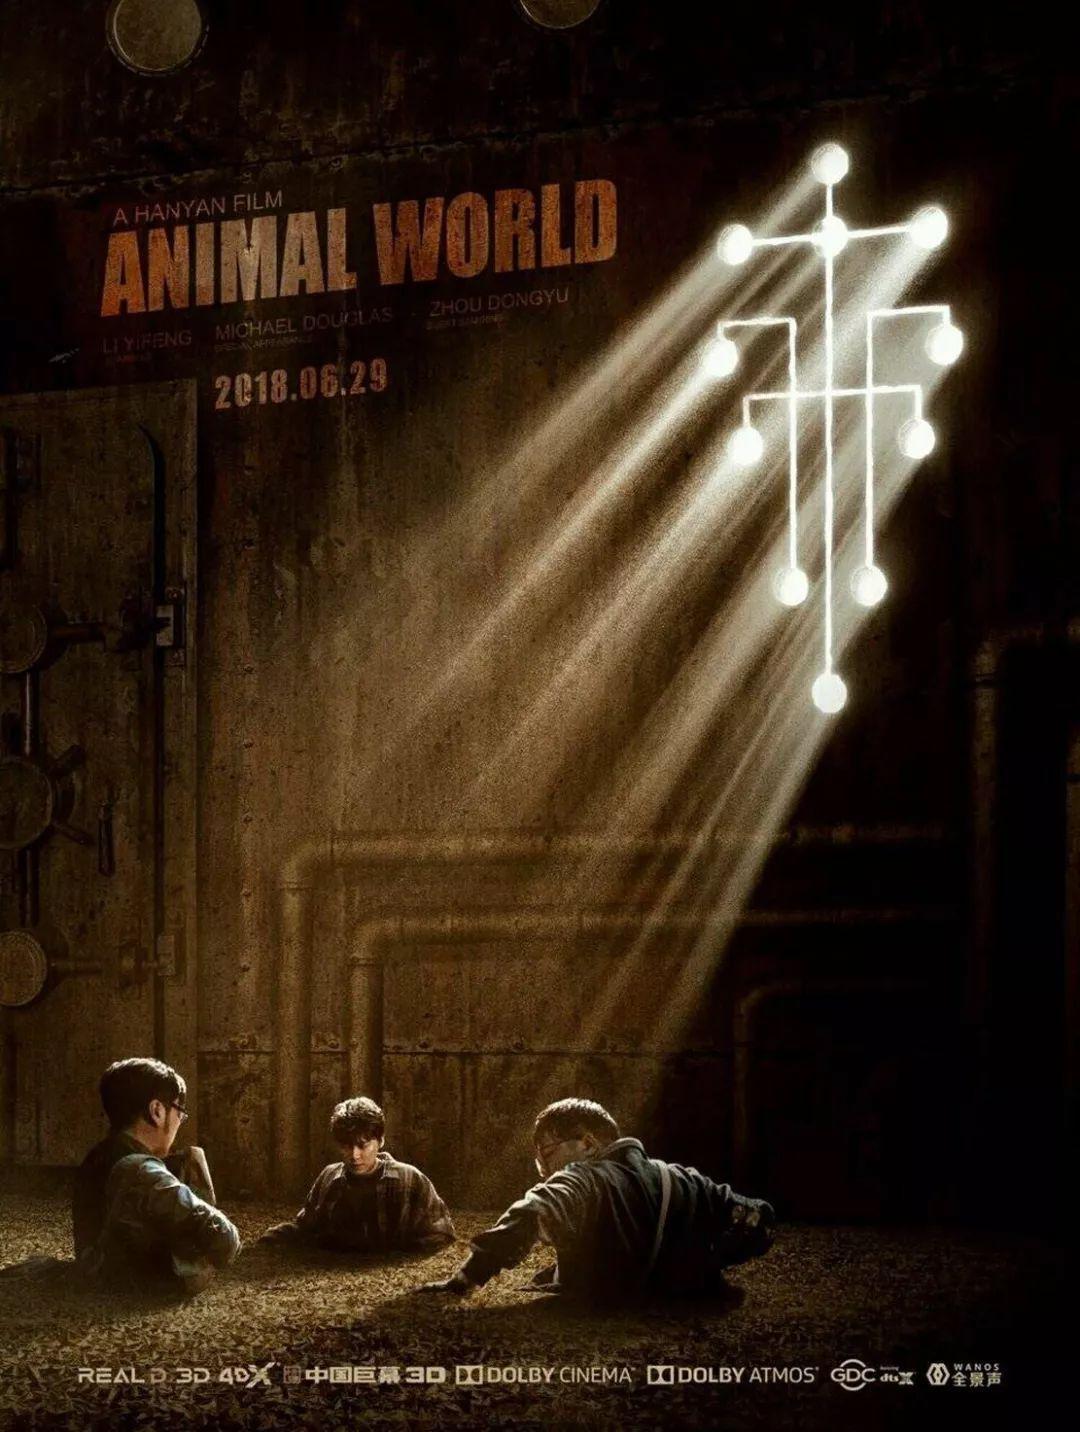 李易峰最新代表作《动物世界》里,要善恶有报还得靠实力